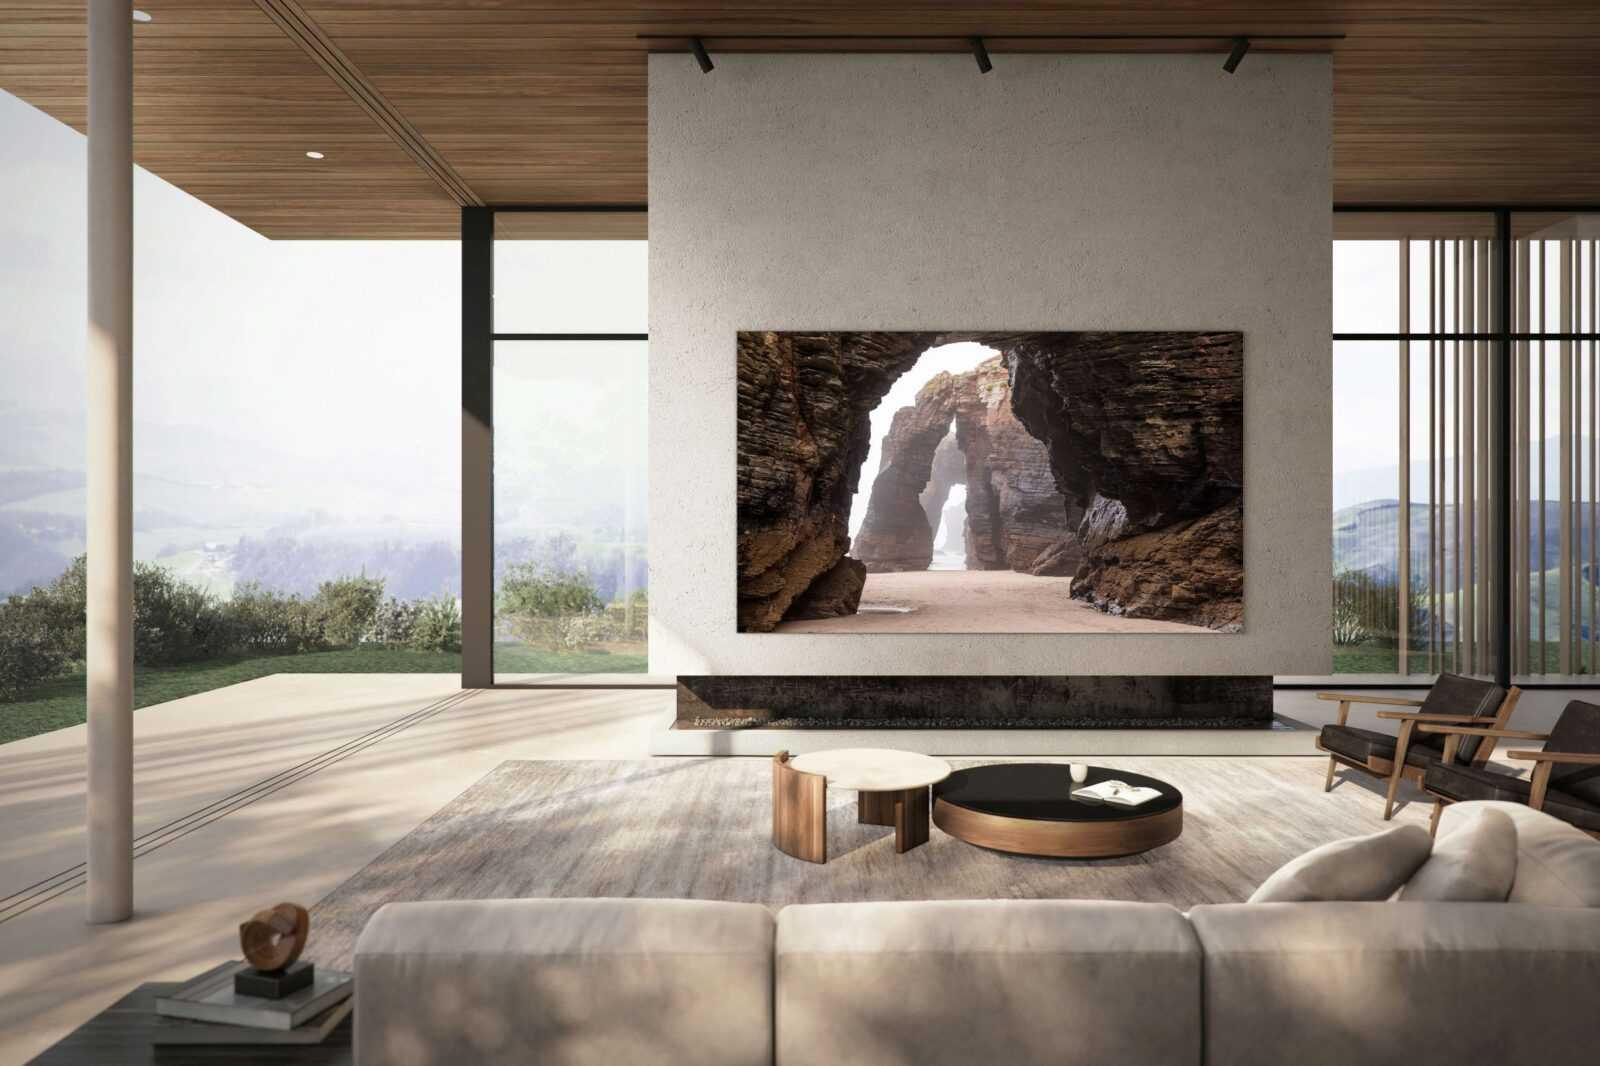 Компания Samsung представила новые телевизоры Neo QLED и Micro LED, и рассказала про технологии